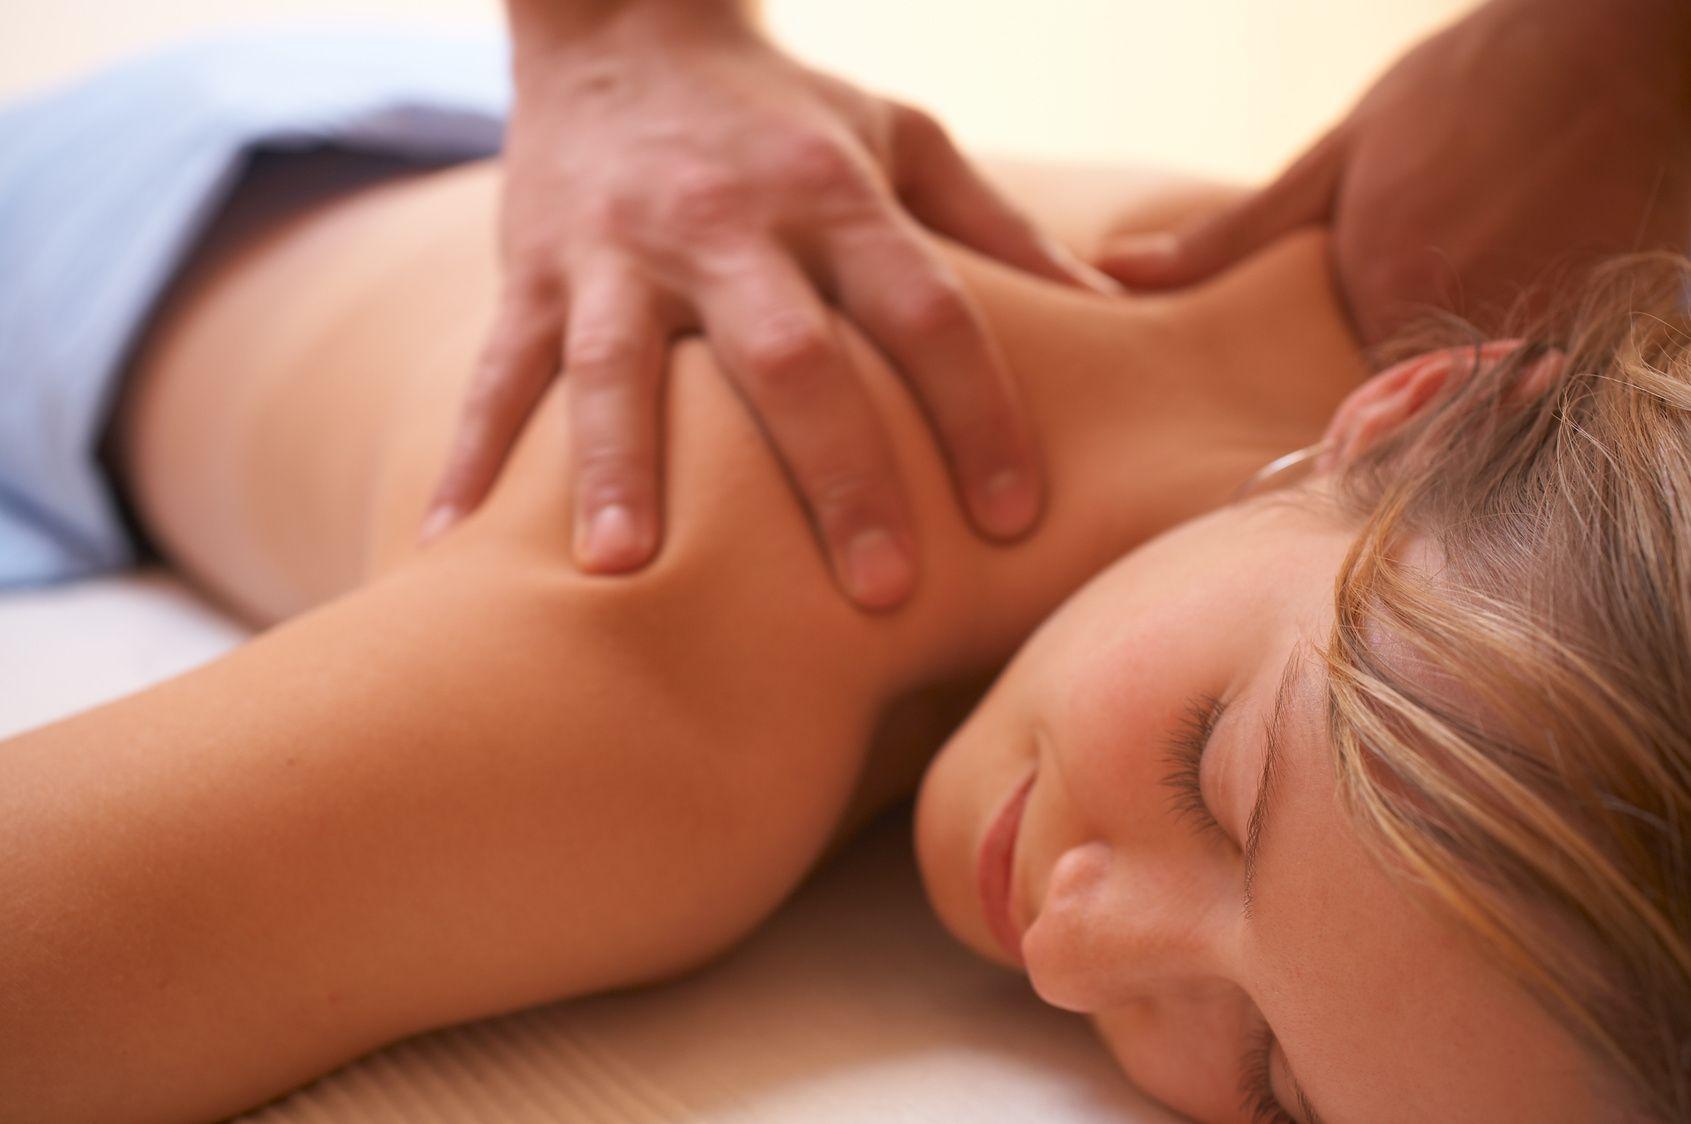 Эротический массаж женщине. Как правильно делать эротический массаж женщине